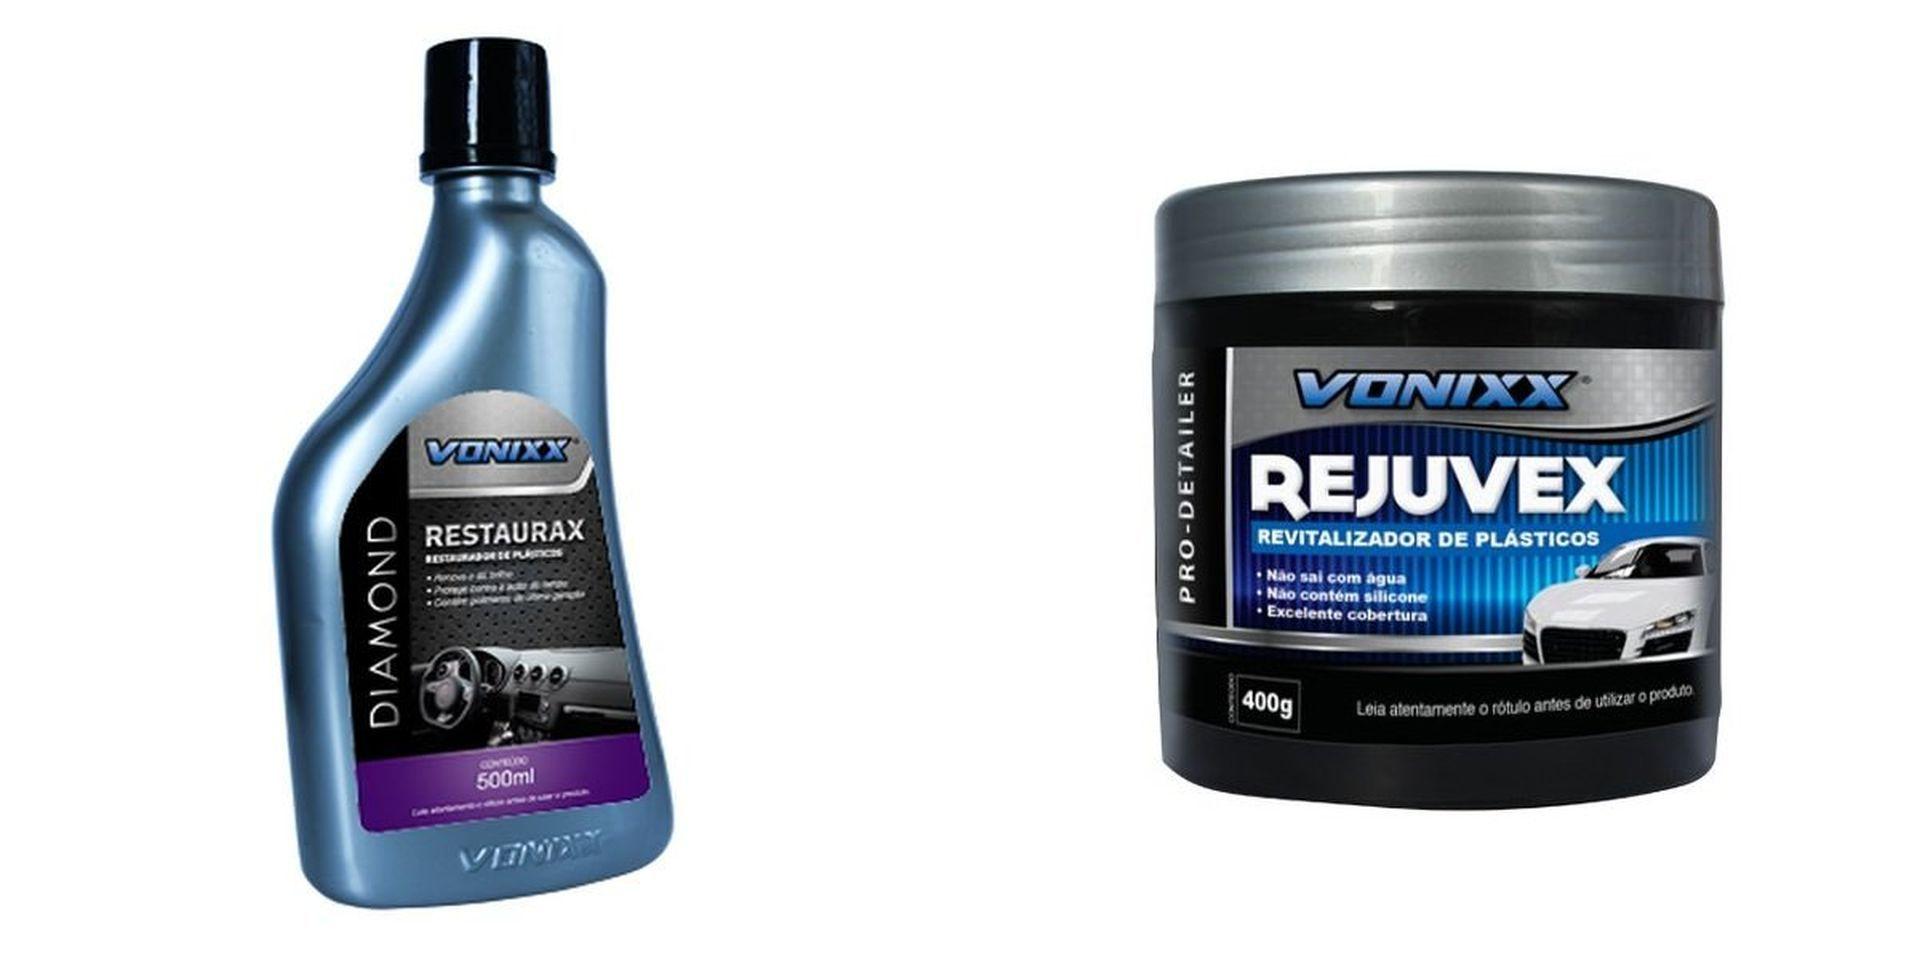 Kit Rejuvex + Restaurax Vonixx